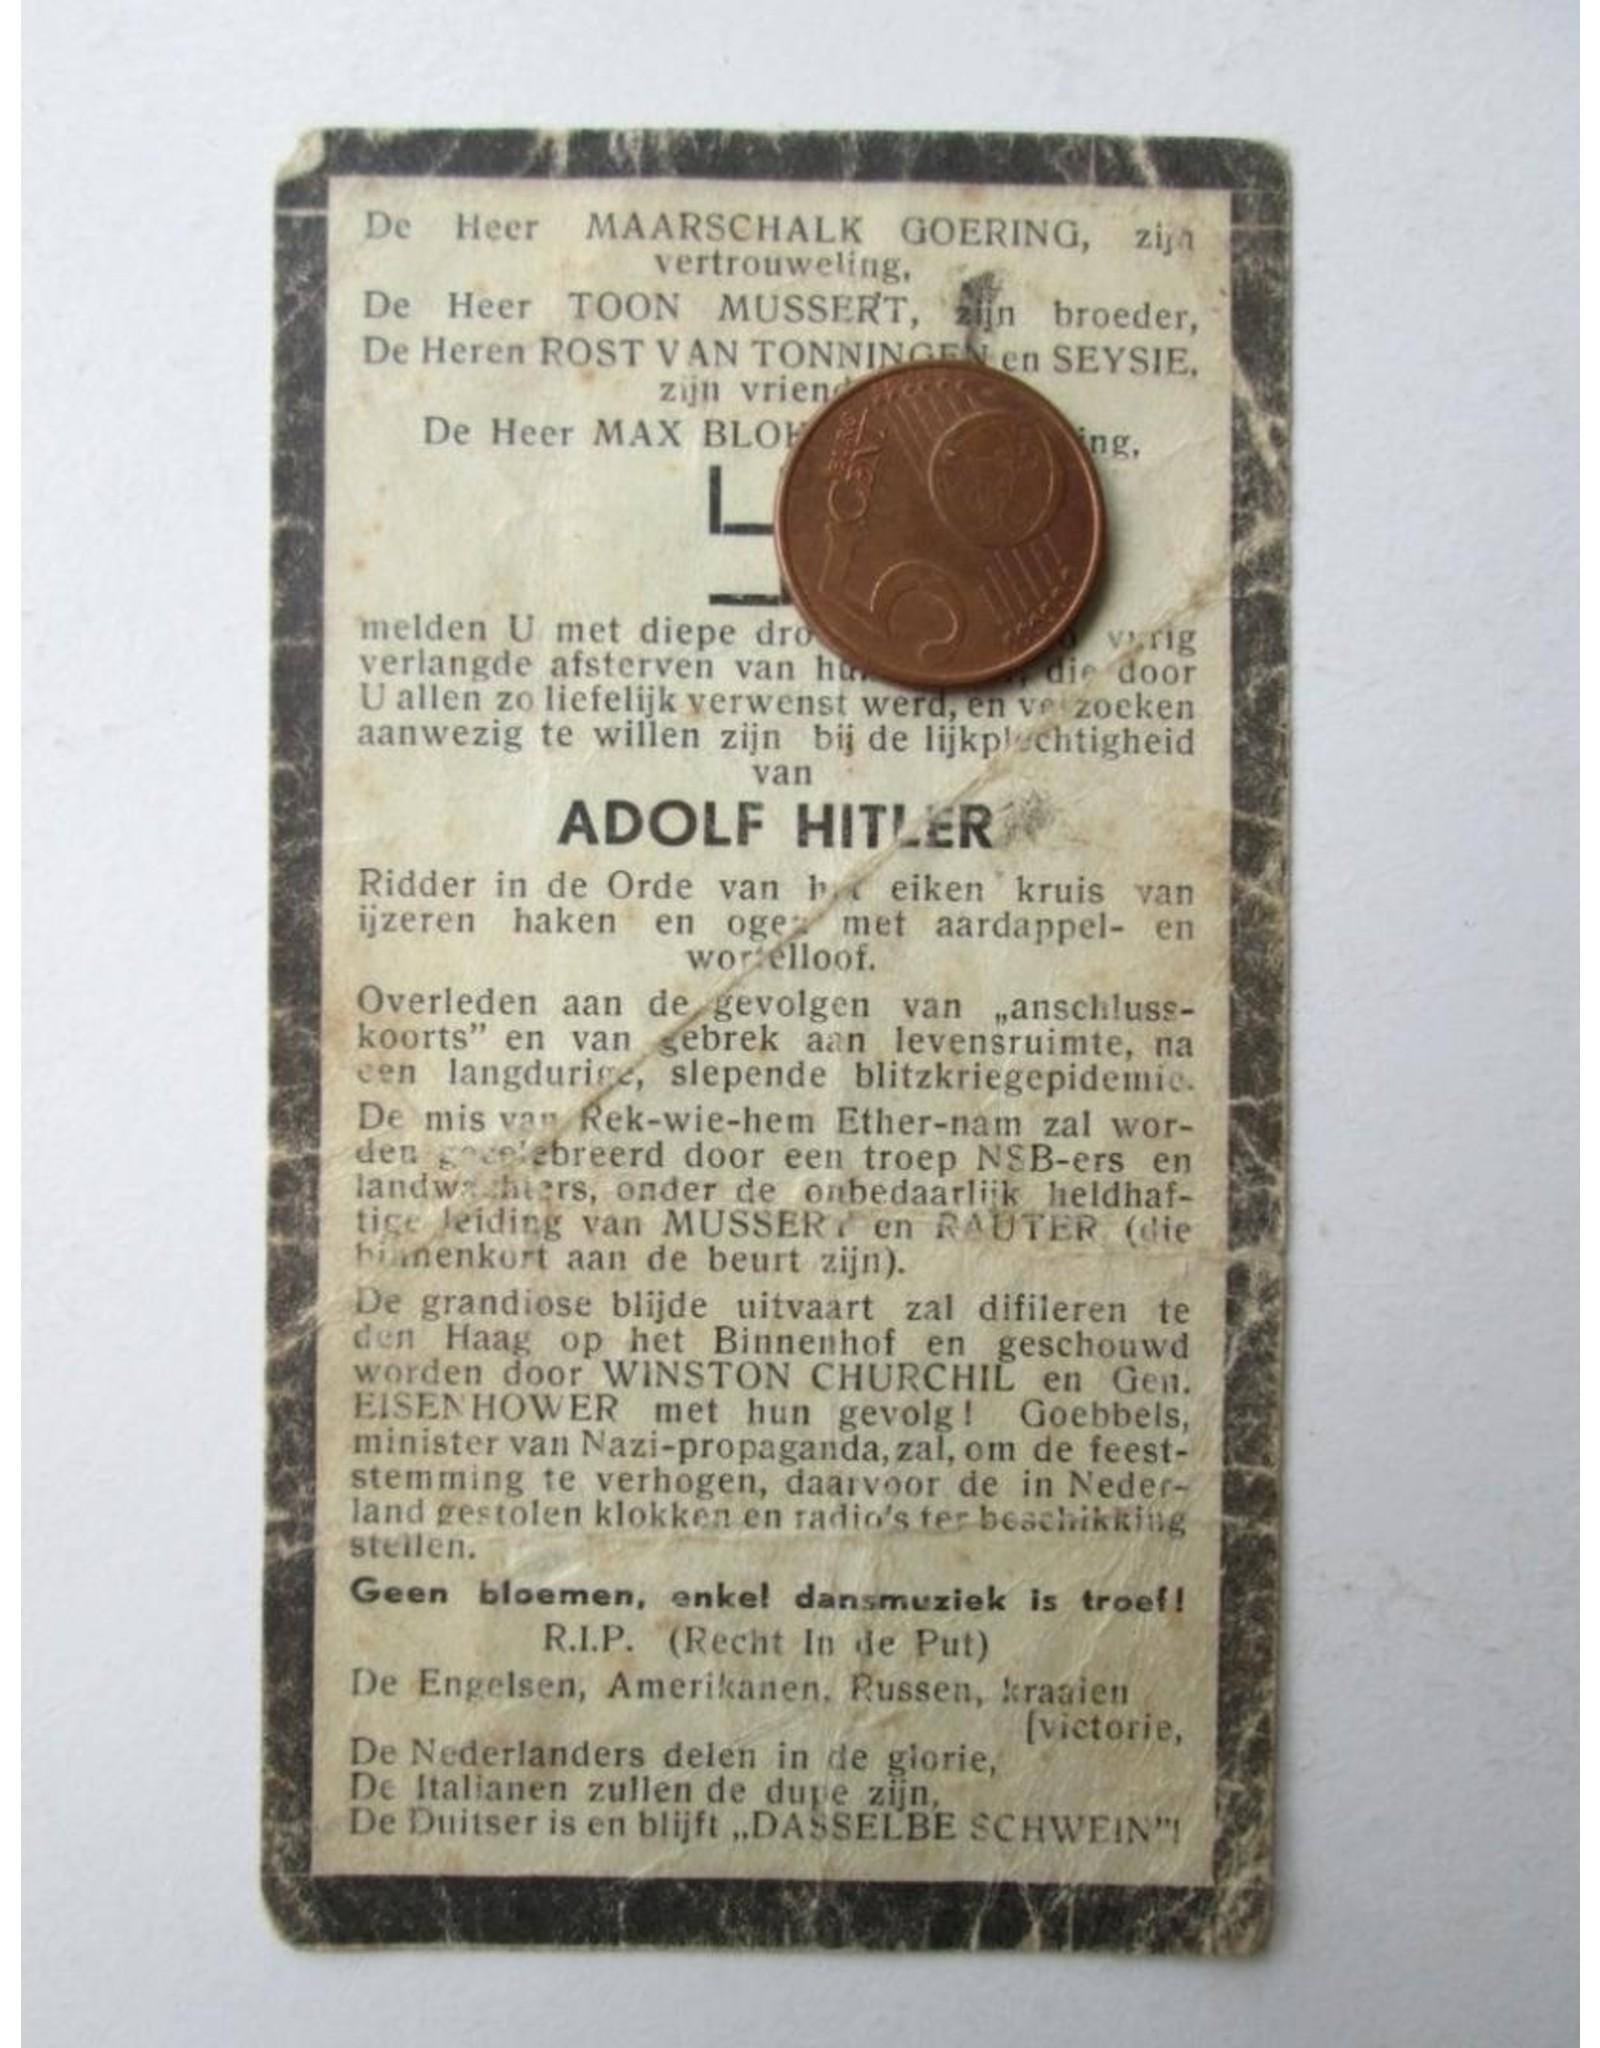 [Anonymous] - Adolf Hitler: Hij kwam... maar niet in Engeland. Hij zag... Moskou. Hij verloor... Der Krieg